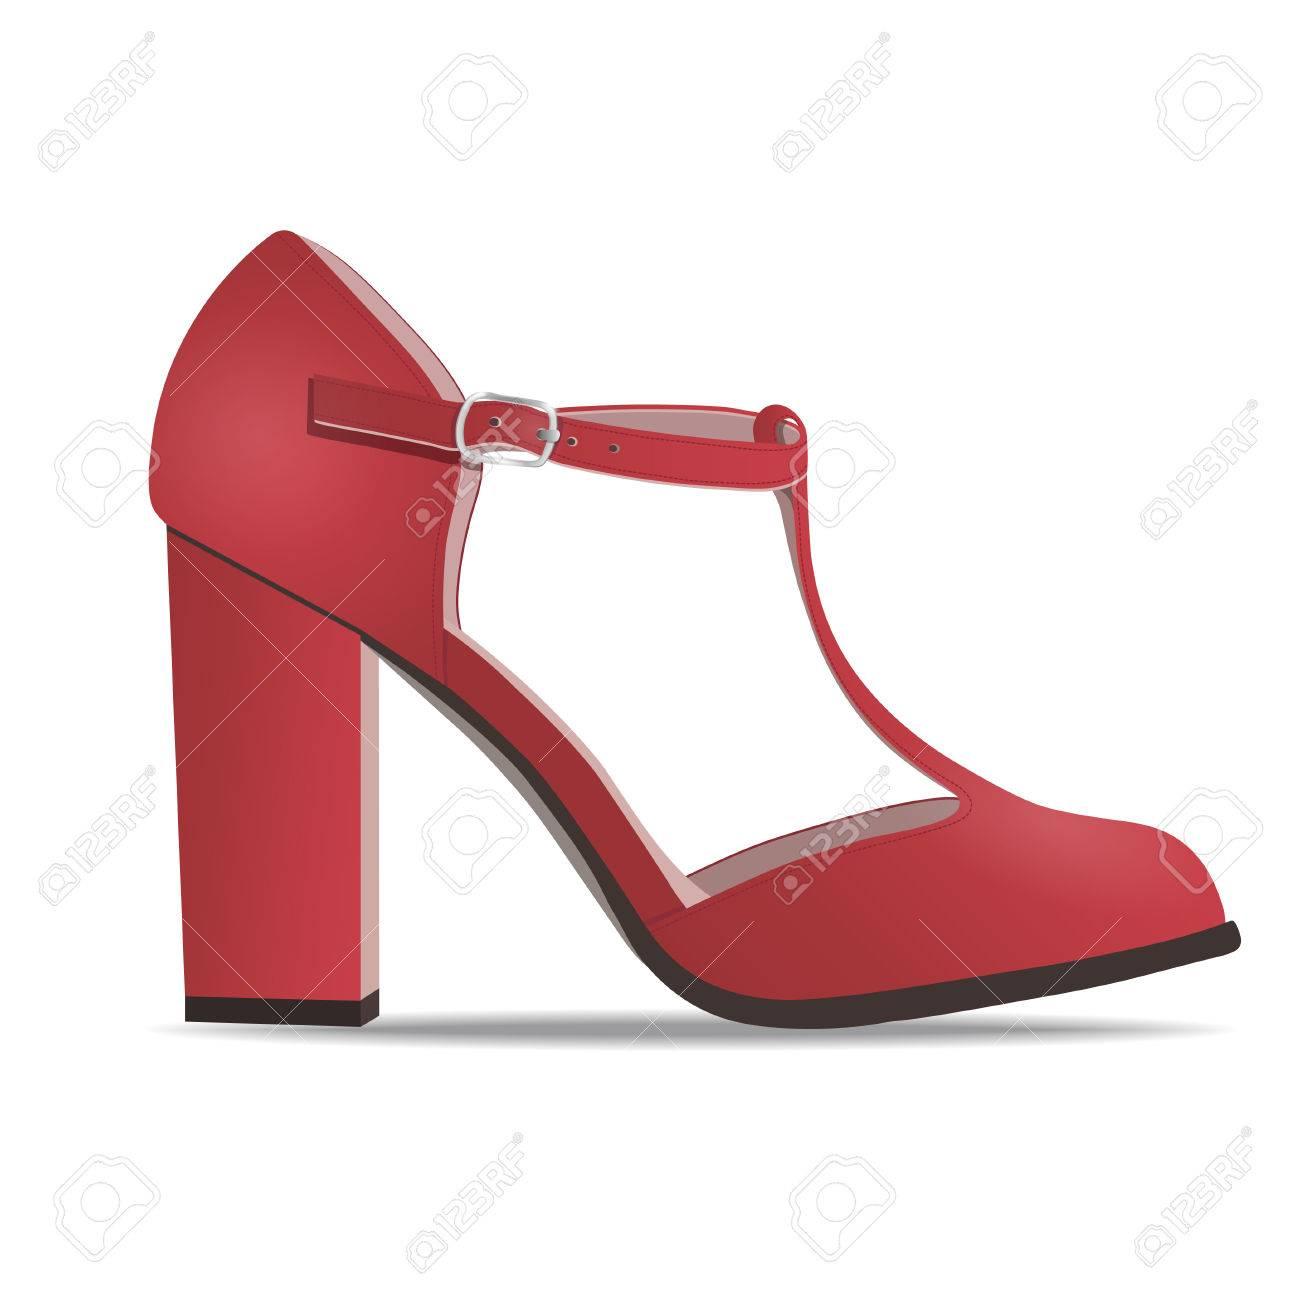 5854082d Foto de archivo - Vector de zapatos, mujeres zapatos bajos rojo con correas  en tacón alto, aislado